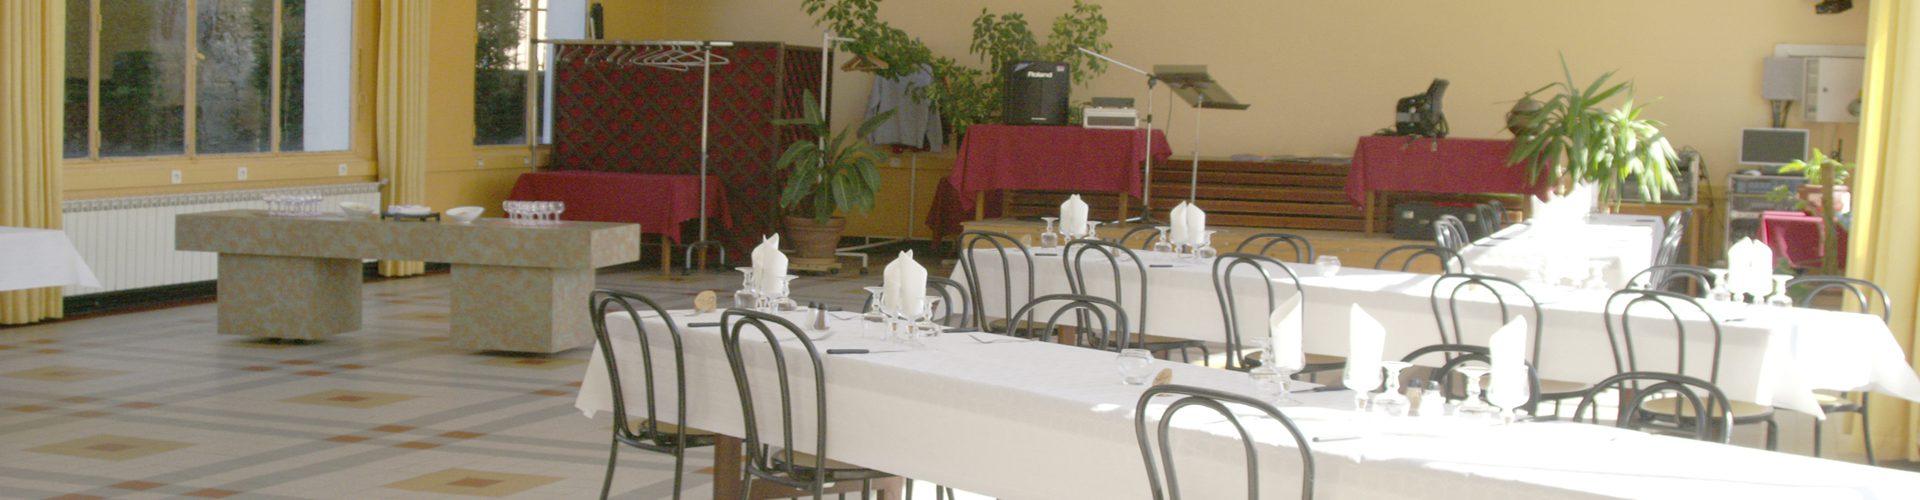 Restaurant Le Relais De La Tourelle - Paladru, Charavines, Bilieu, Le Pin